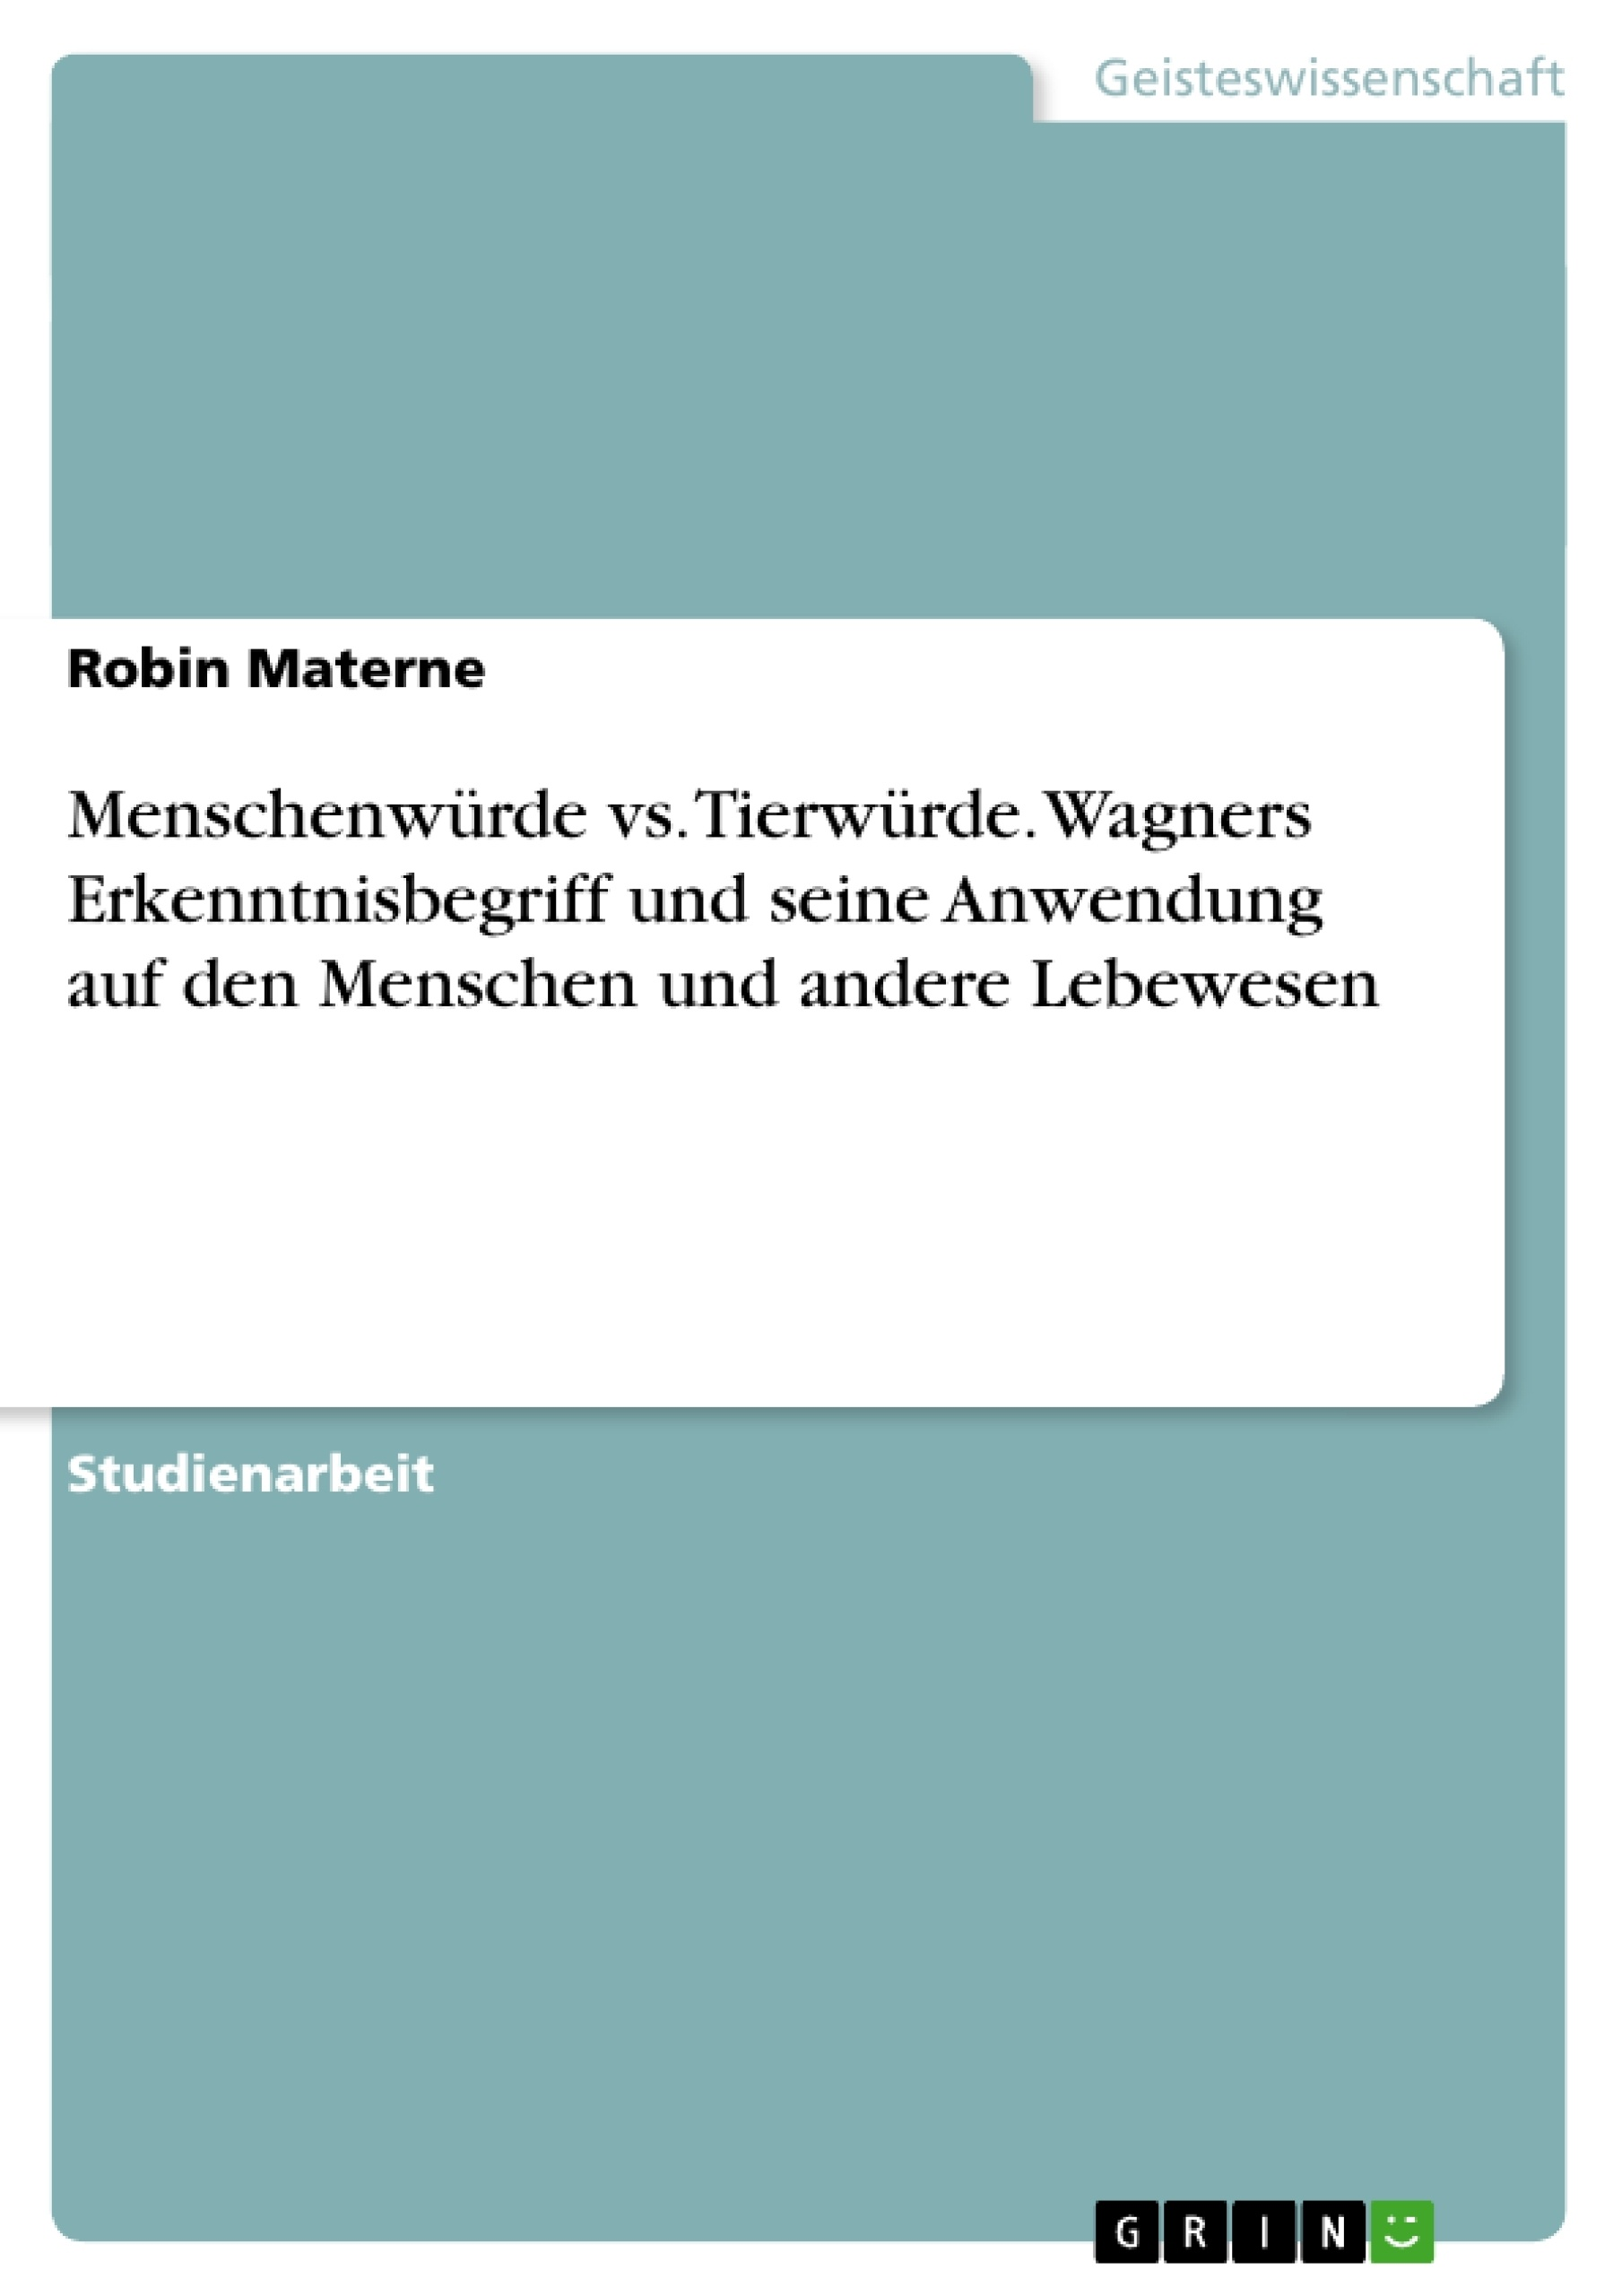 Titel: Menschenwürde vs. Tierwürde. Wagners Erkenntnisbegriff und seine Anwendung auf den Menschen und andere Lebewesen